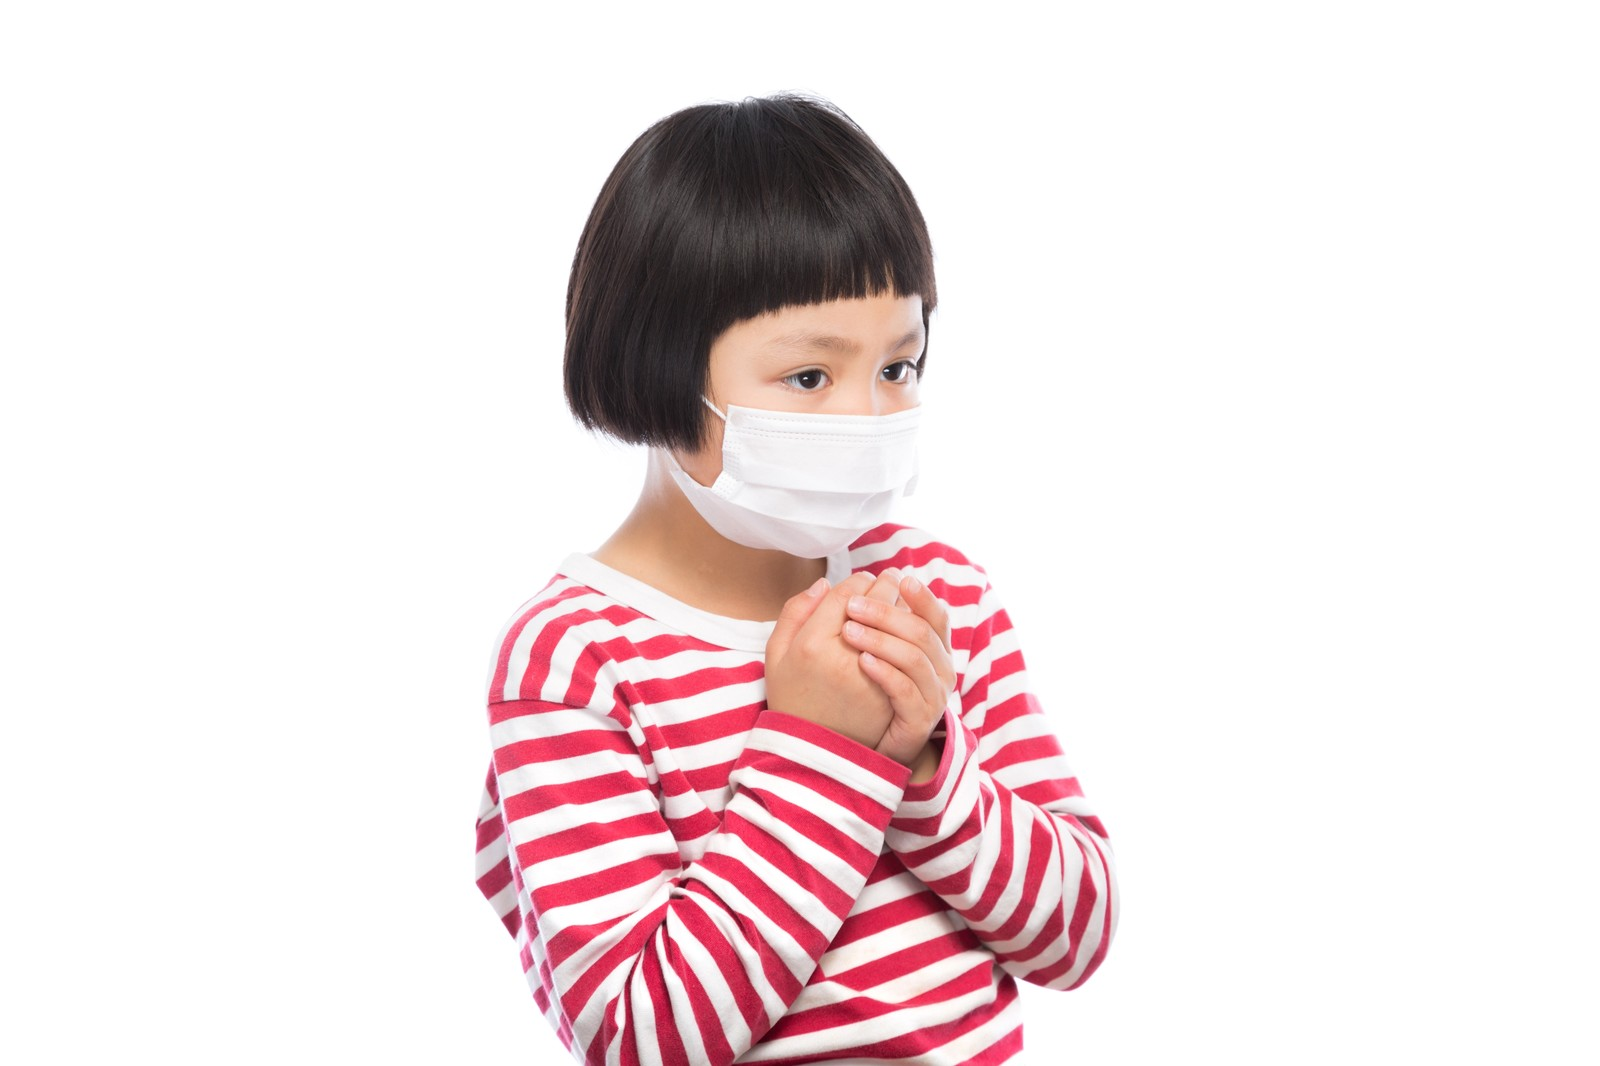 子供が溶連菌感染症になったらいつから保育園に行ける?